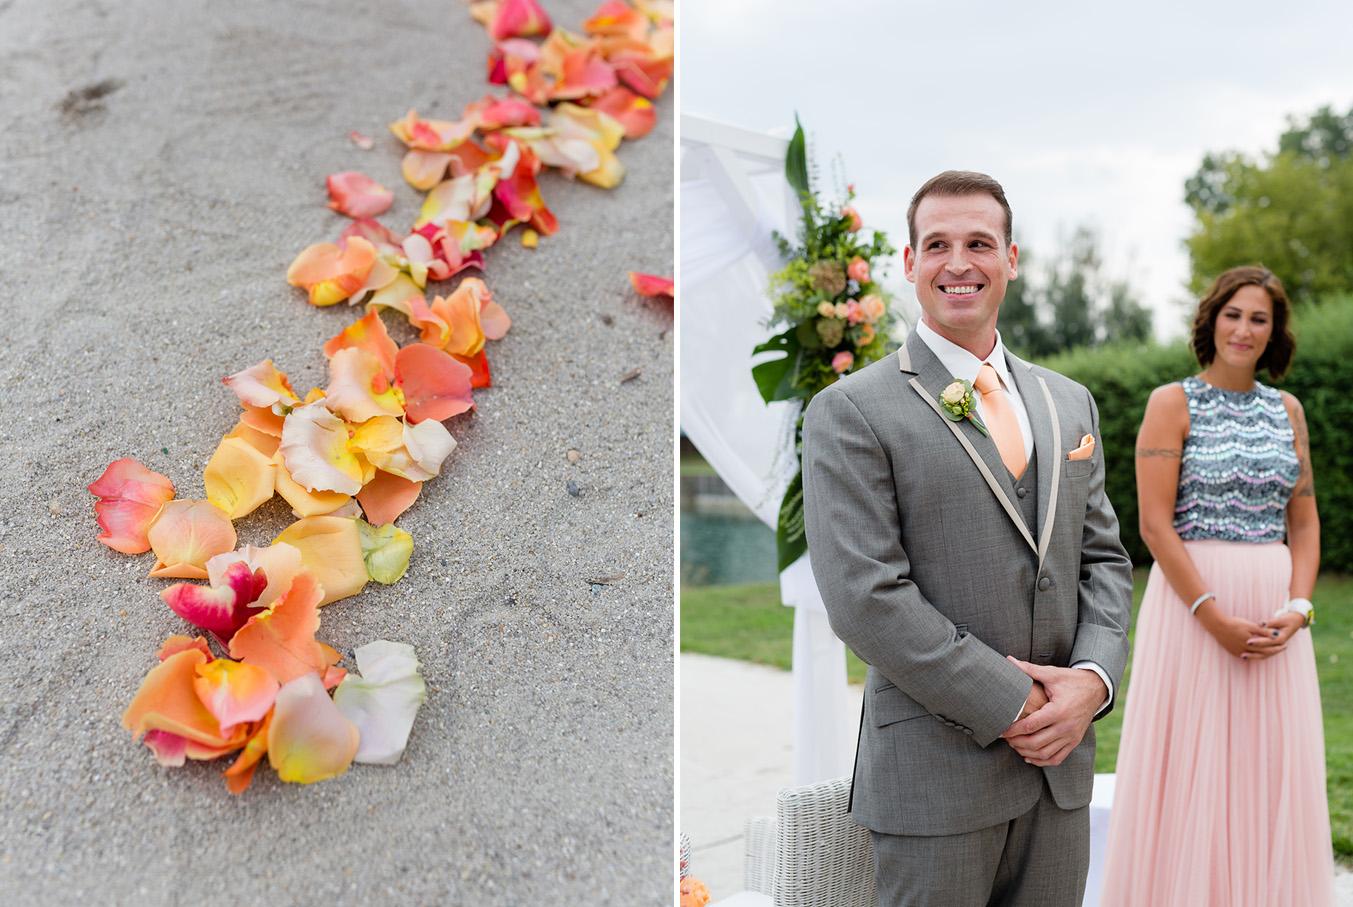 Vienna_Wien_Atzenbrugg_Hochzeit_Paar_Verlobung_Engagement_40